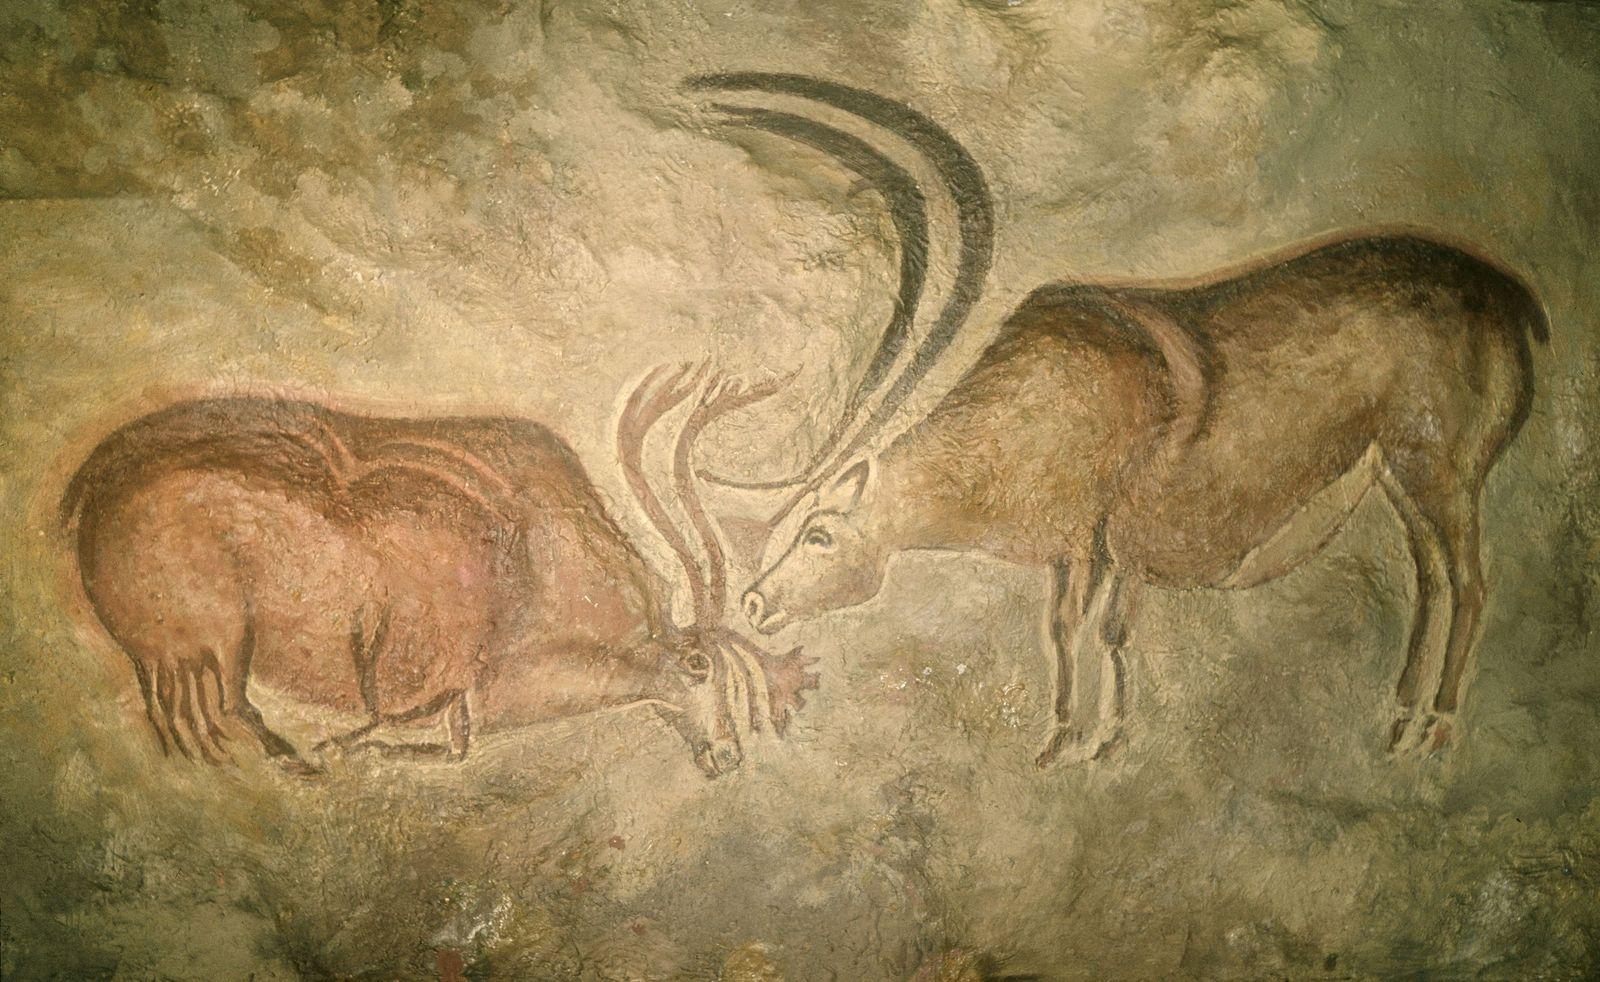 Nachbildung einer Höhlenmalerei mit Rentieren aus der Höhle von Font le Gaume, Les Eyzies, Dordogne, Frankreich; um 12 000 - 11 000 v. Chr., mittleres Magdalénien (c) bpk / Museum für Vor- und Frühgeschichte, SMB / Jürgen Liepe